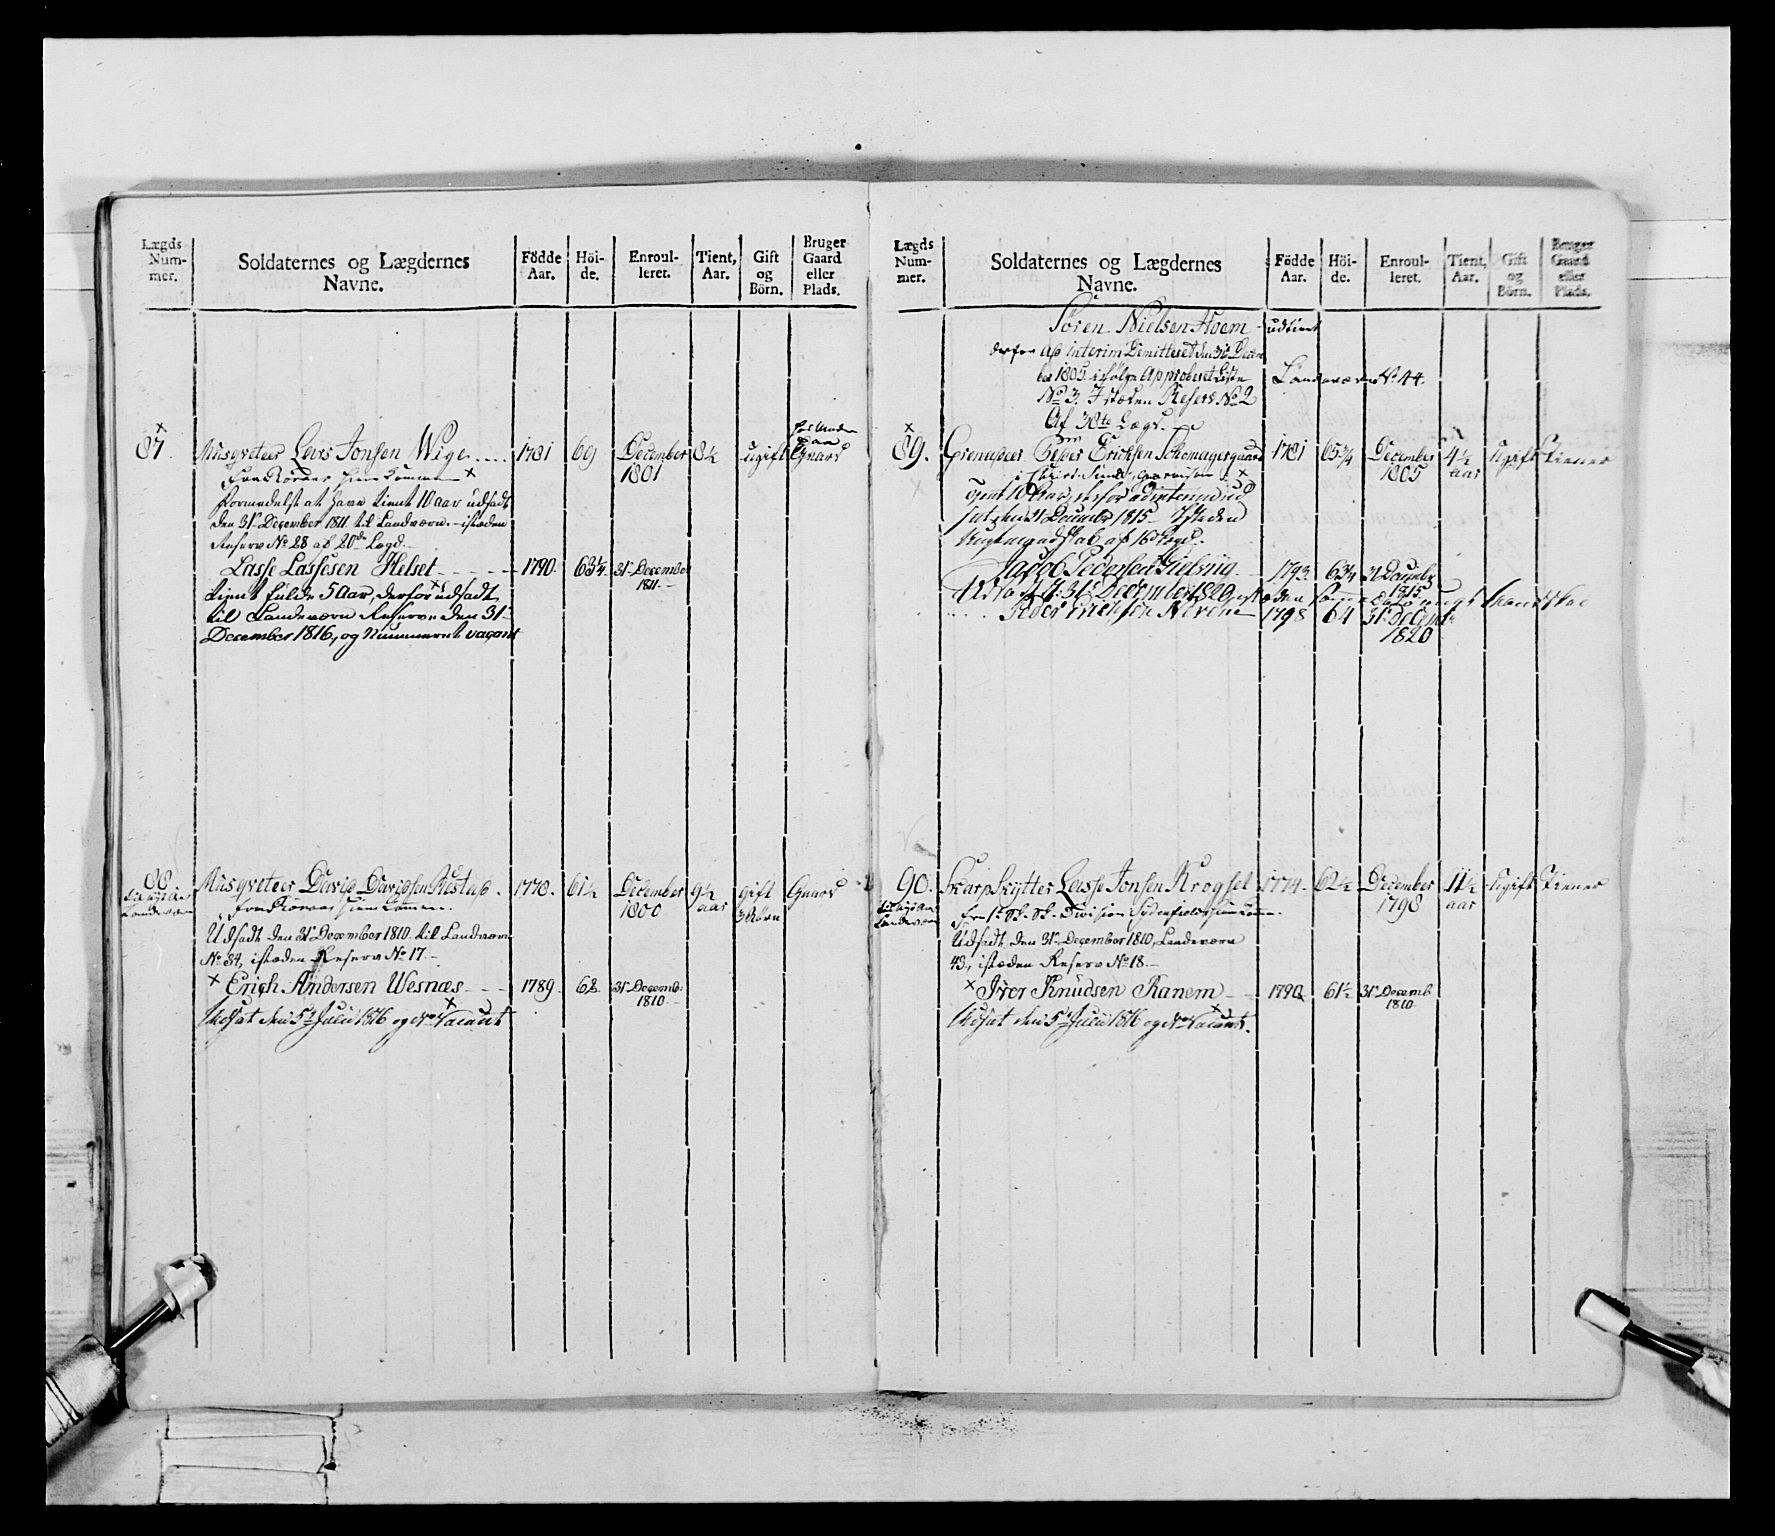 RA, Generalitets- og kommissariatskollegiet, Det kongelige norske kommissariatskollegium, E/Eh/L0083b: 2. Trondheimske nasjonale infanteriregiment, 1810, s. 126